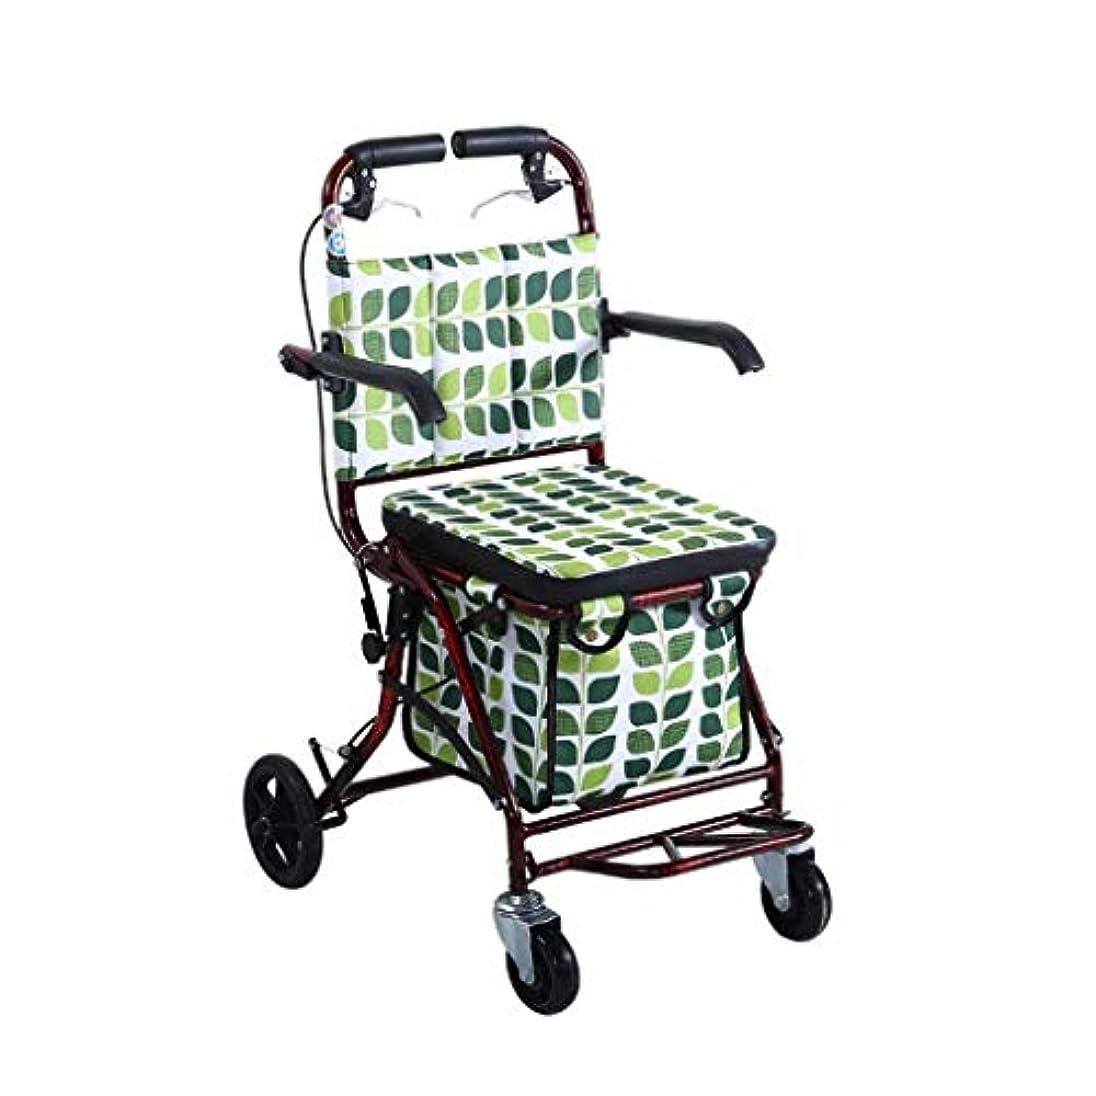 作成するサイバースペース完璧なショッピングトロリー、老人ポータブル四輪歩行者は、背もたれ、パッド入りシート、フットレスト付きの折りたたみ車椅子に乗る